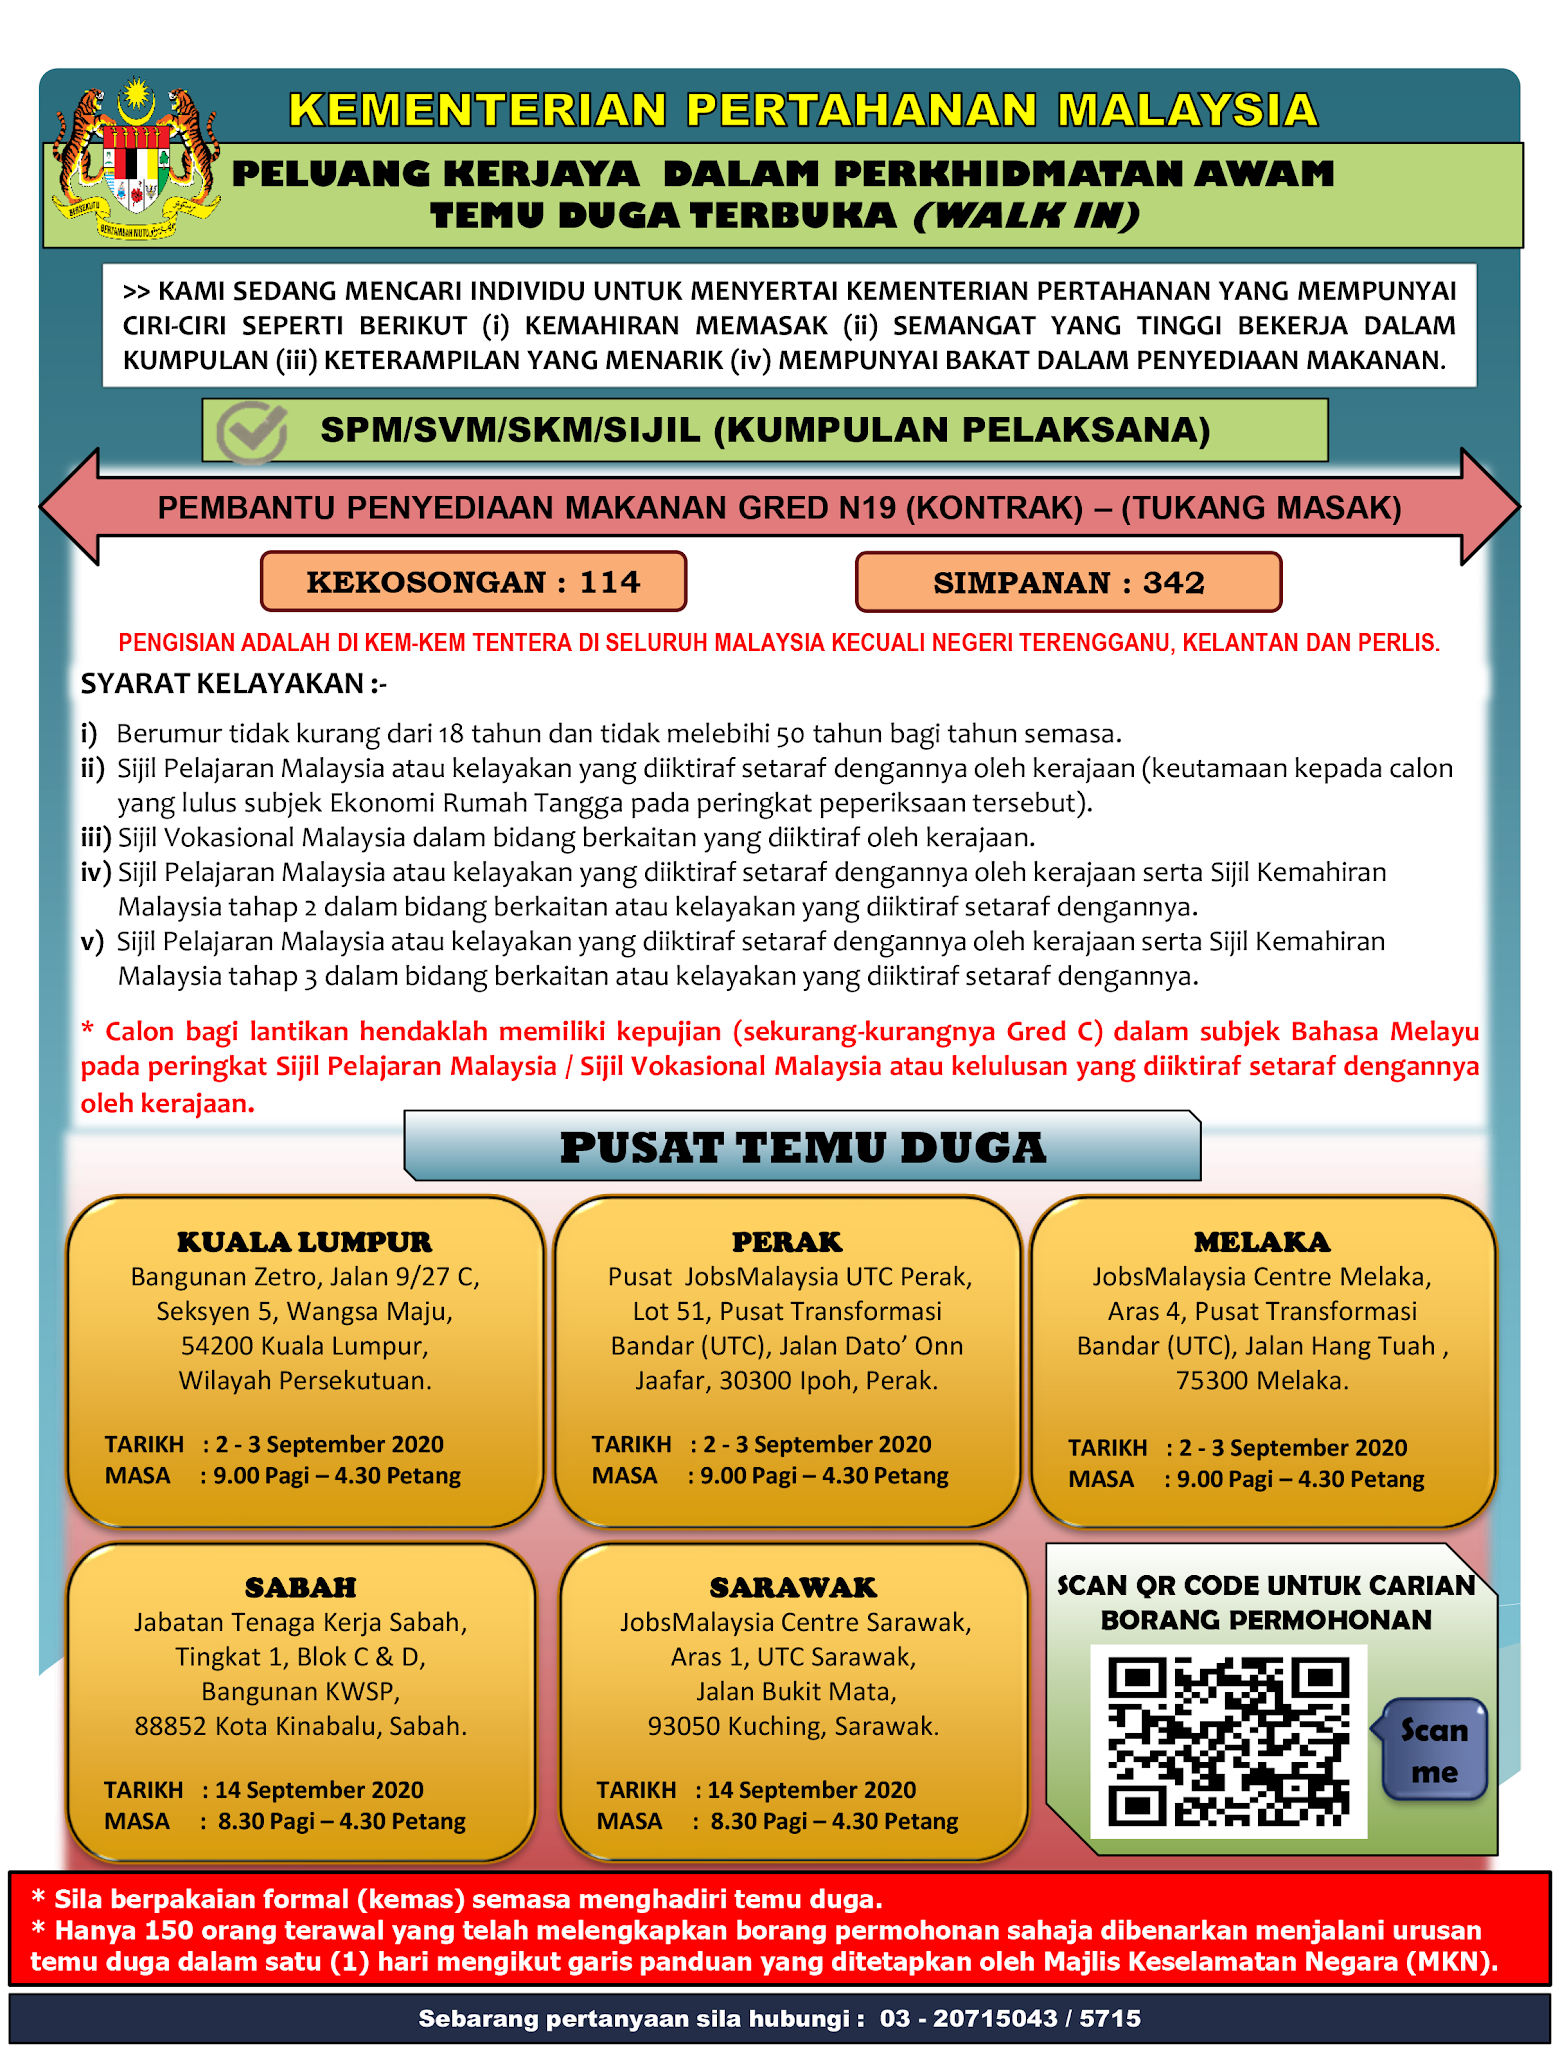 Temuduga terbuka di Kementerian Pertahanan Malaysia (MinDef)